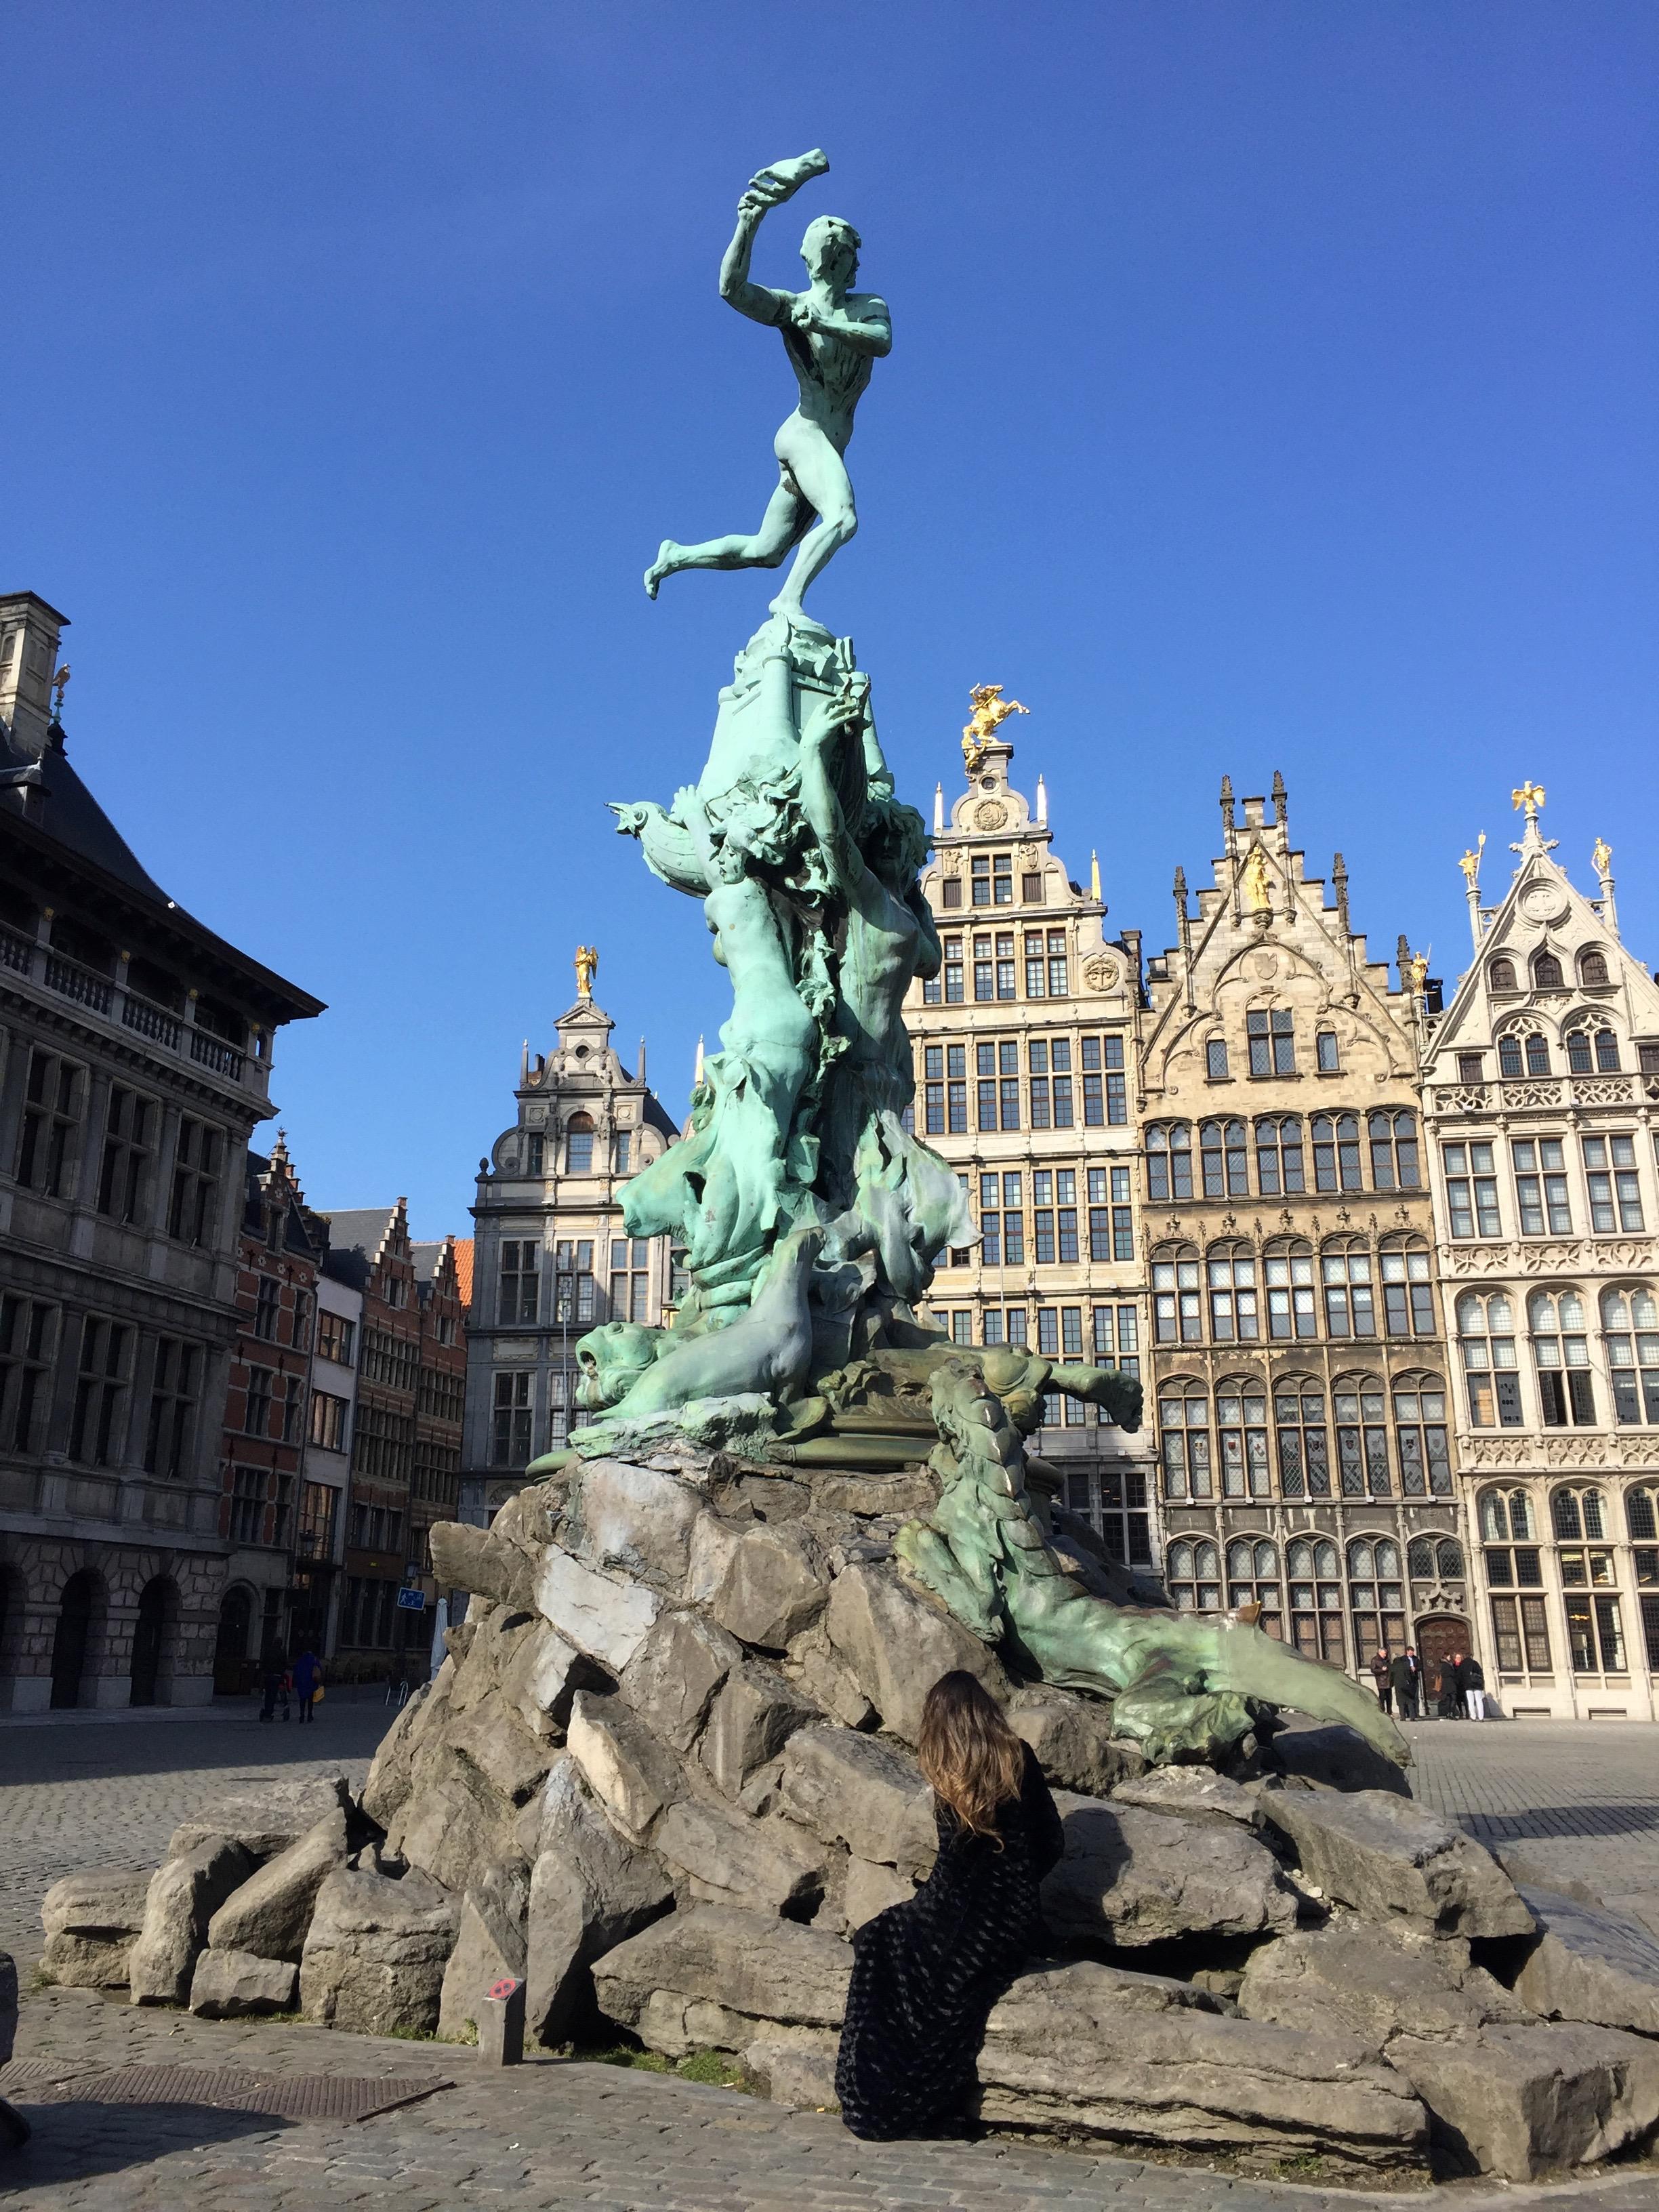 En la Grote Markt, a los pies de la fuente que representa al centurión Silvio Brabo...